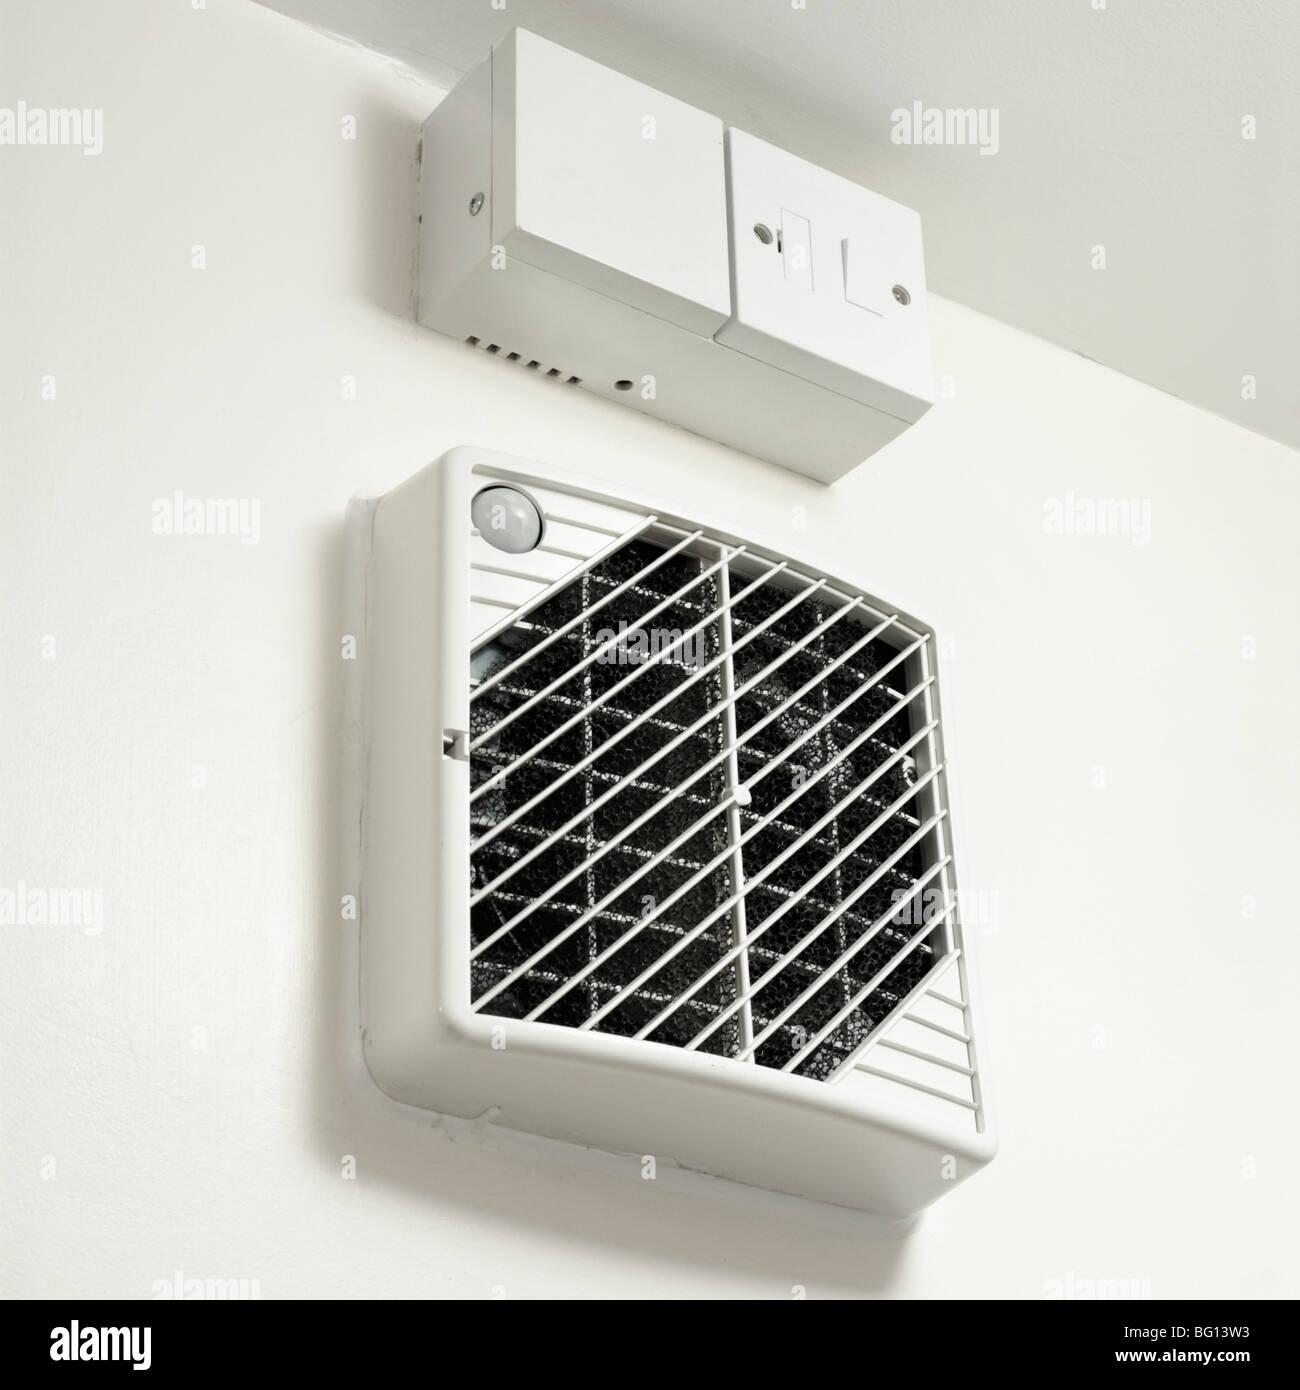 Luftung Warmeruckgewinnung Im Badezimmer Von Oko Haus Nahaufnahme